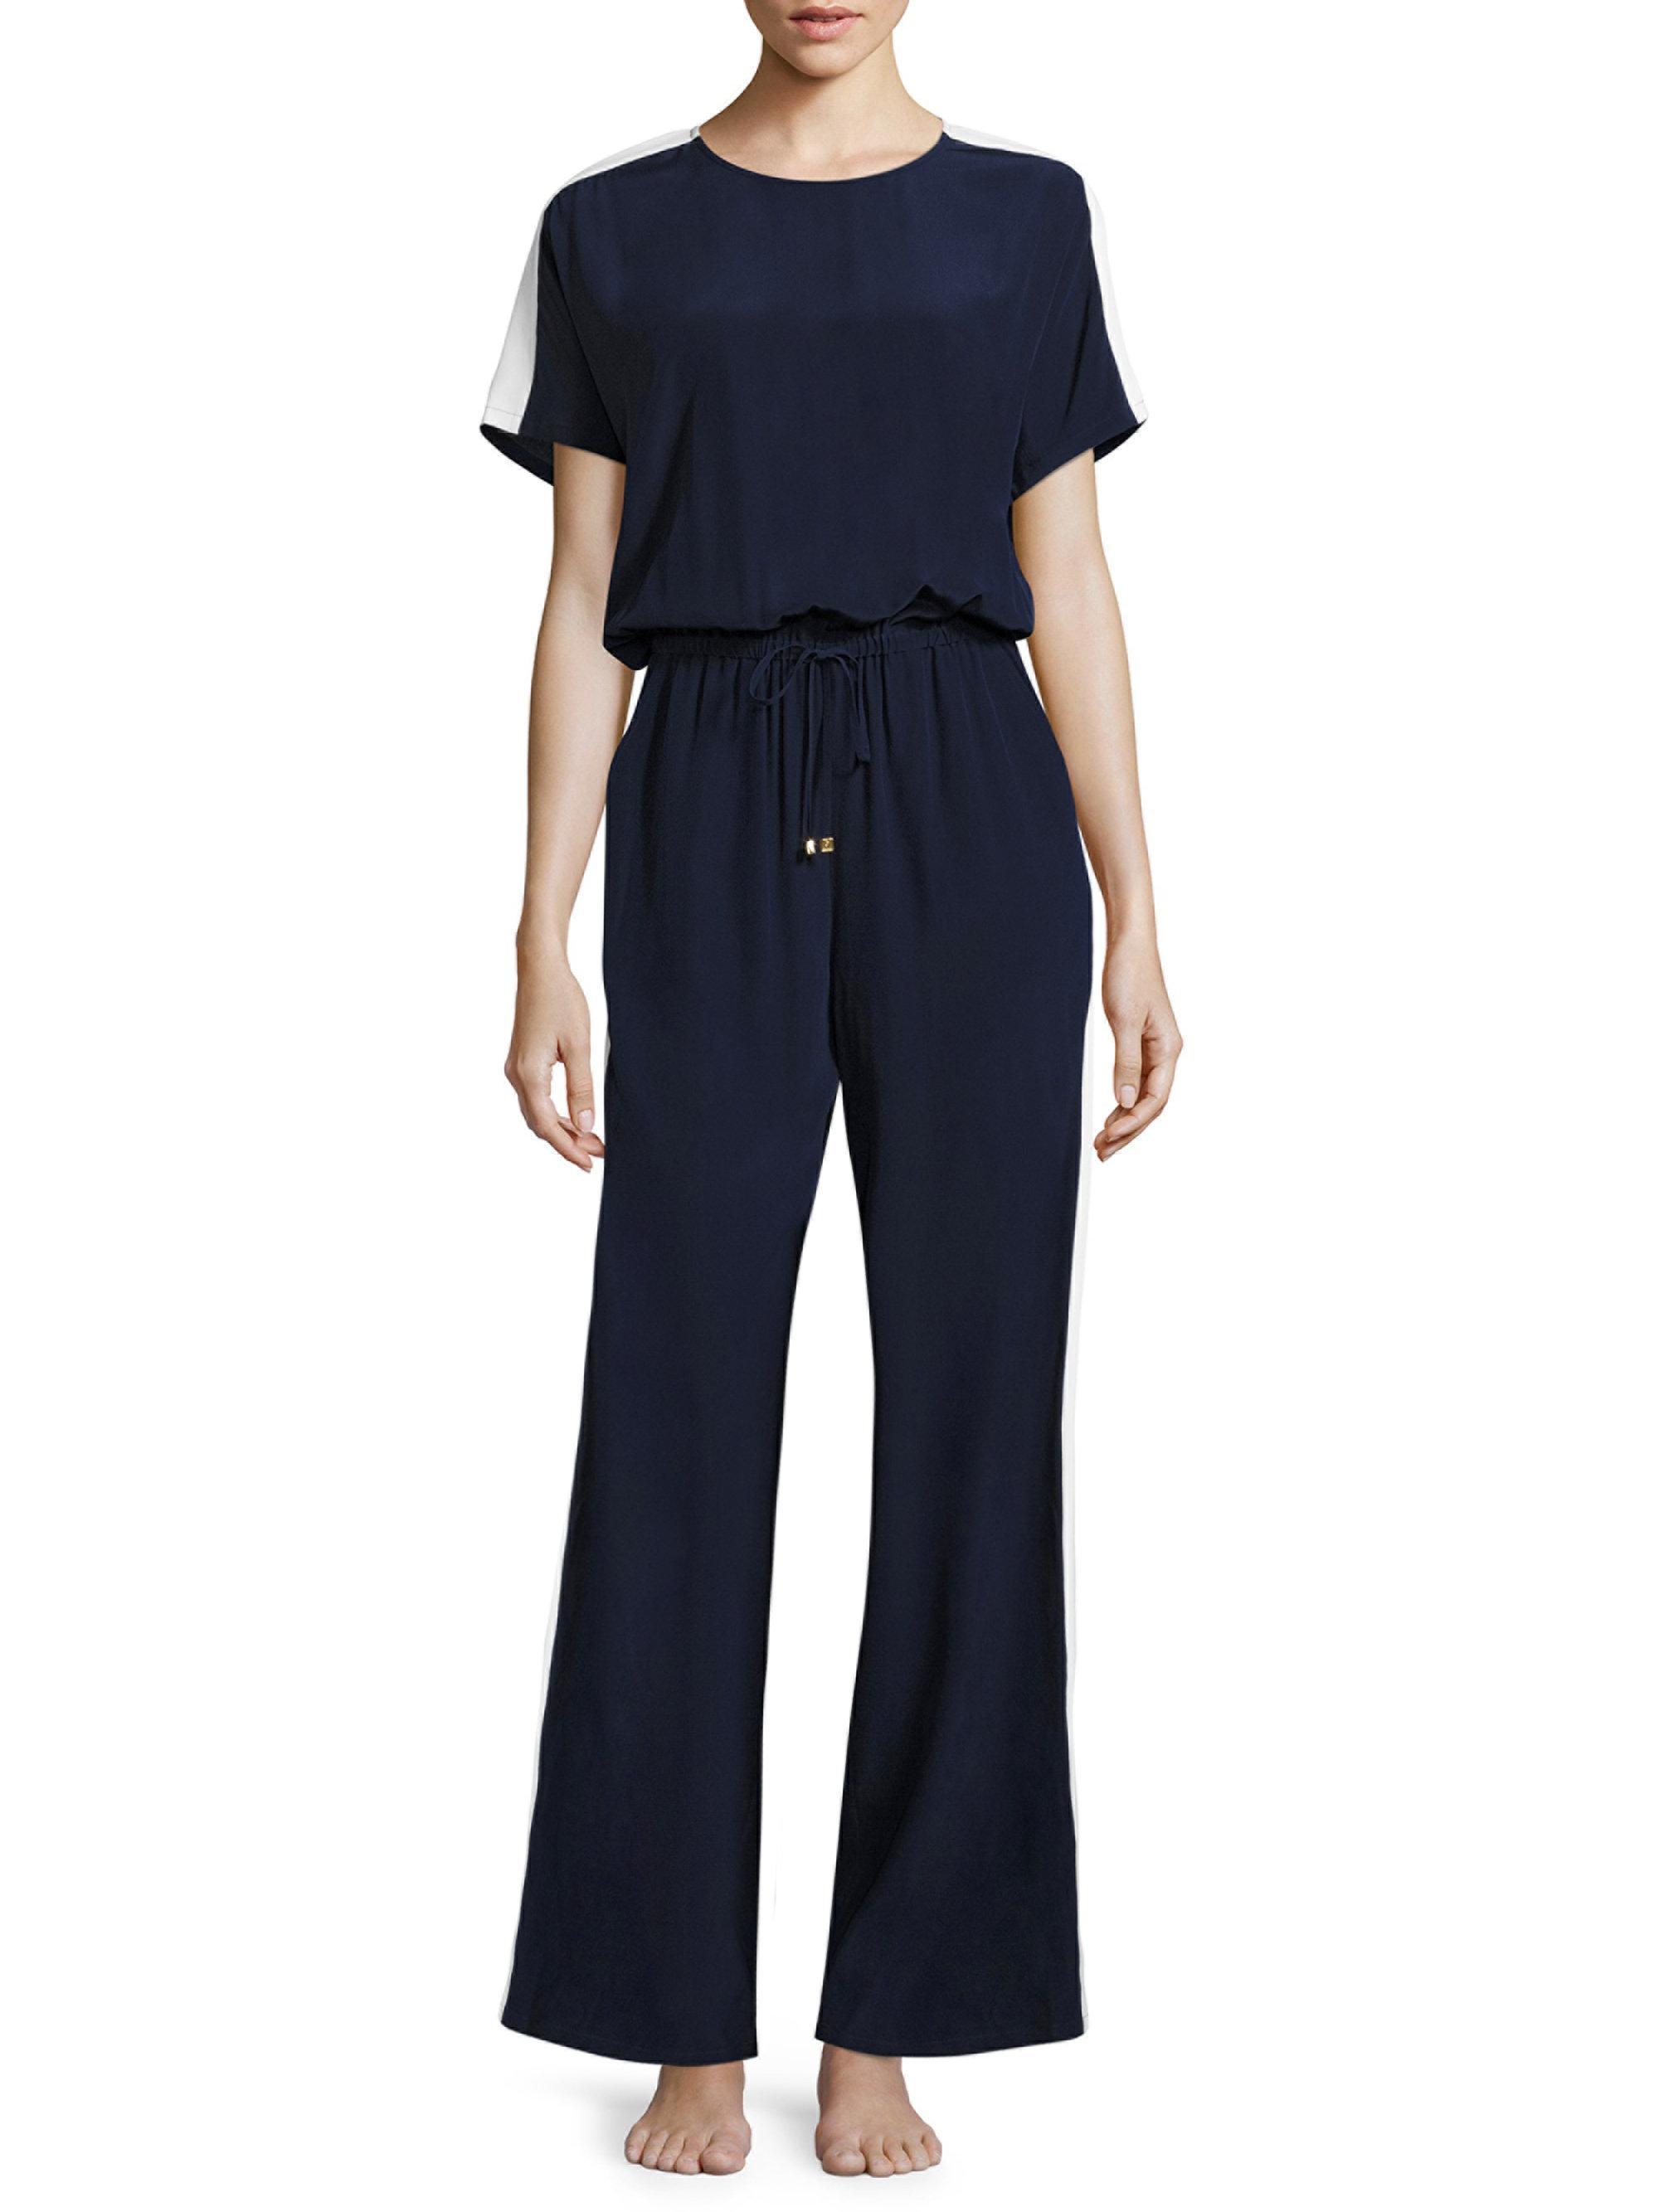 dc2e2b69cec0 Lyst - Tory Burch Colorblock Silk Jumpsuit in Blue